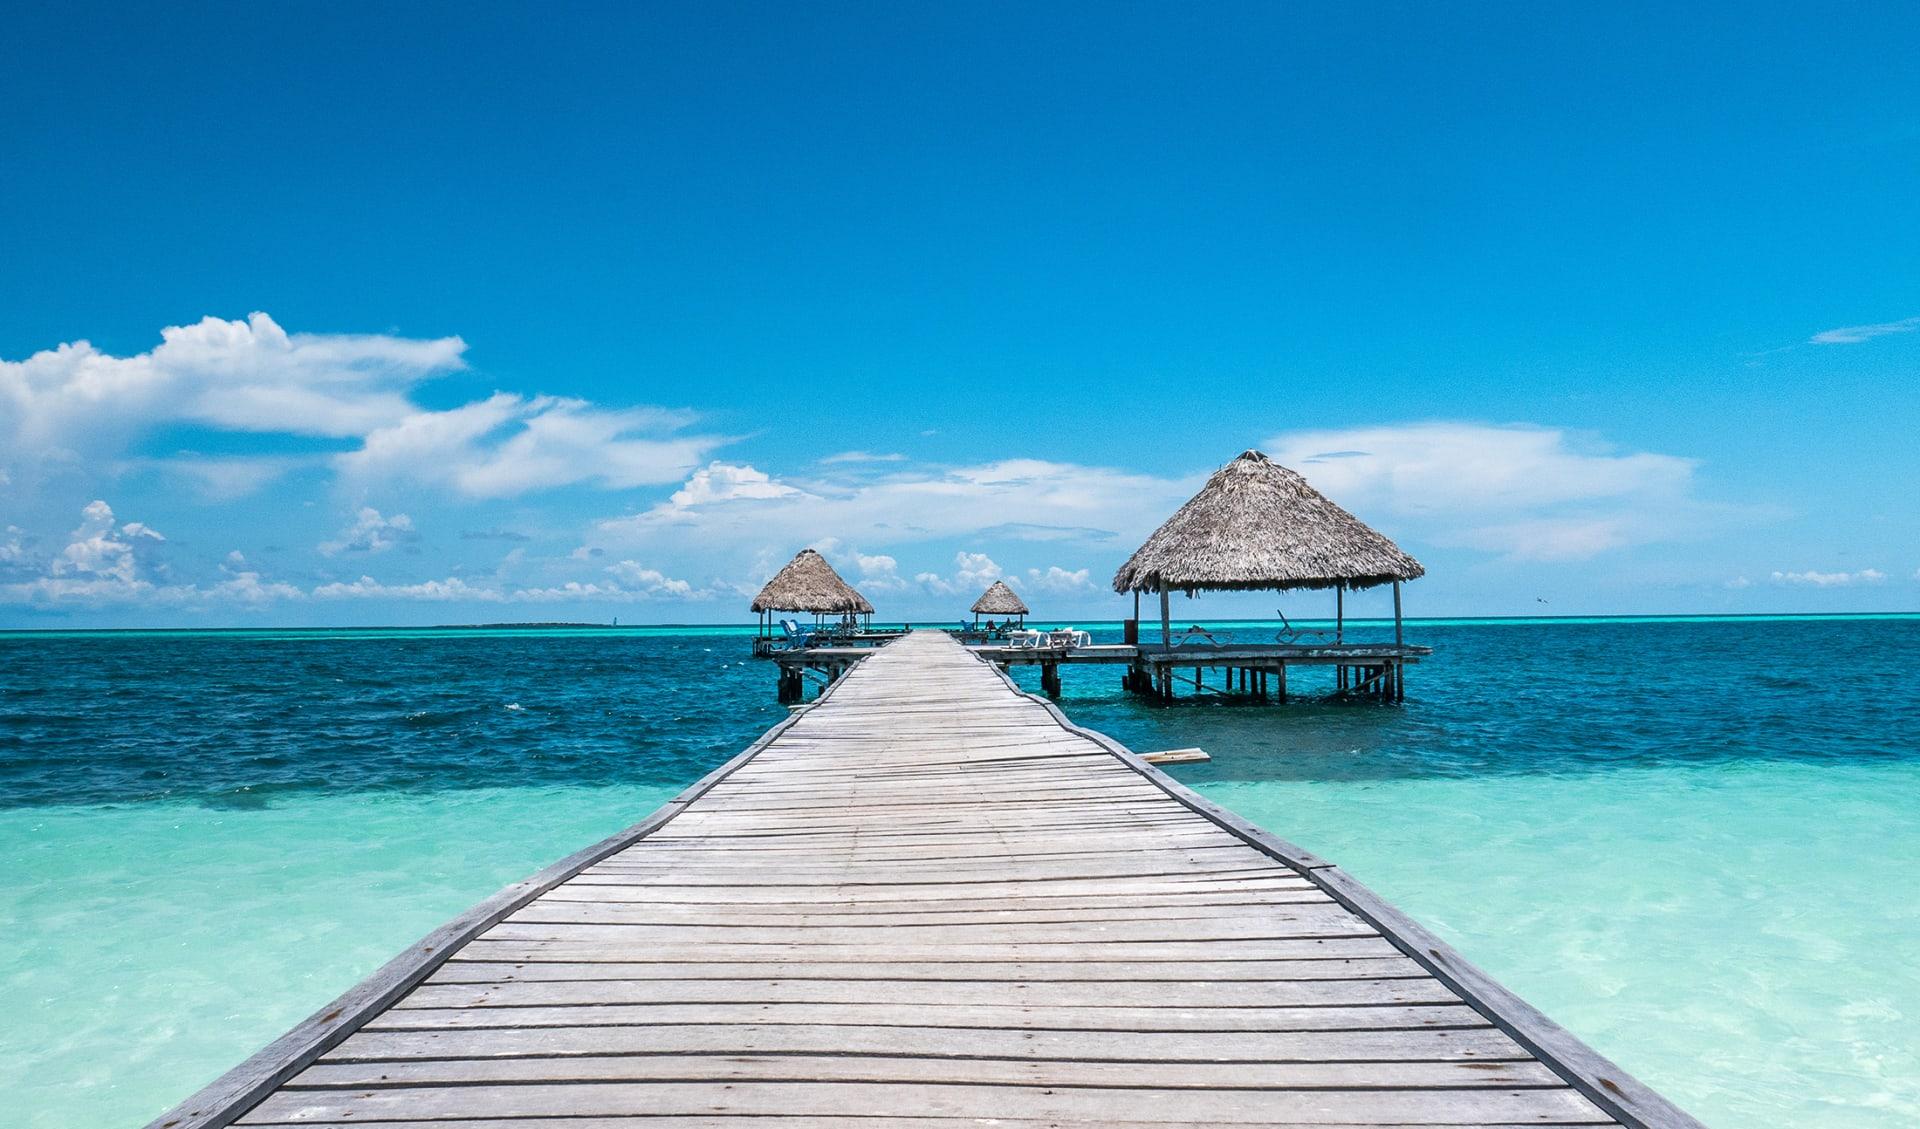 Karibisches Paradies: das perfekte Haus über dem klaren Wasser des kubanischen Meeres.